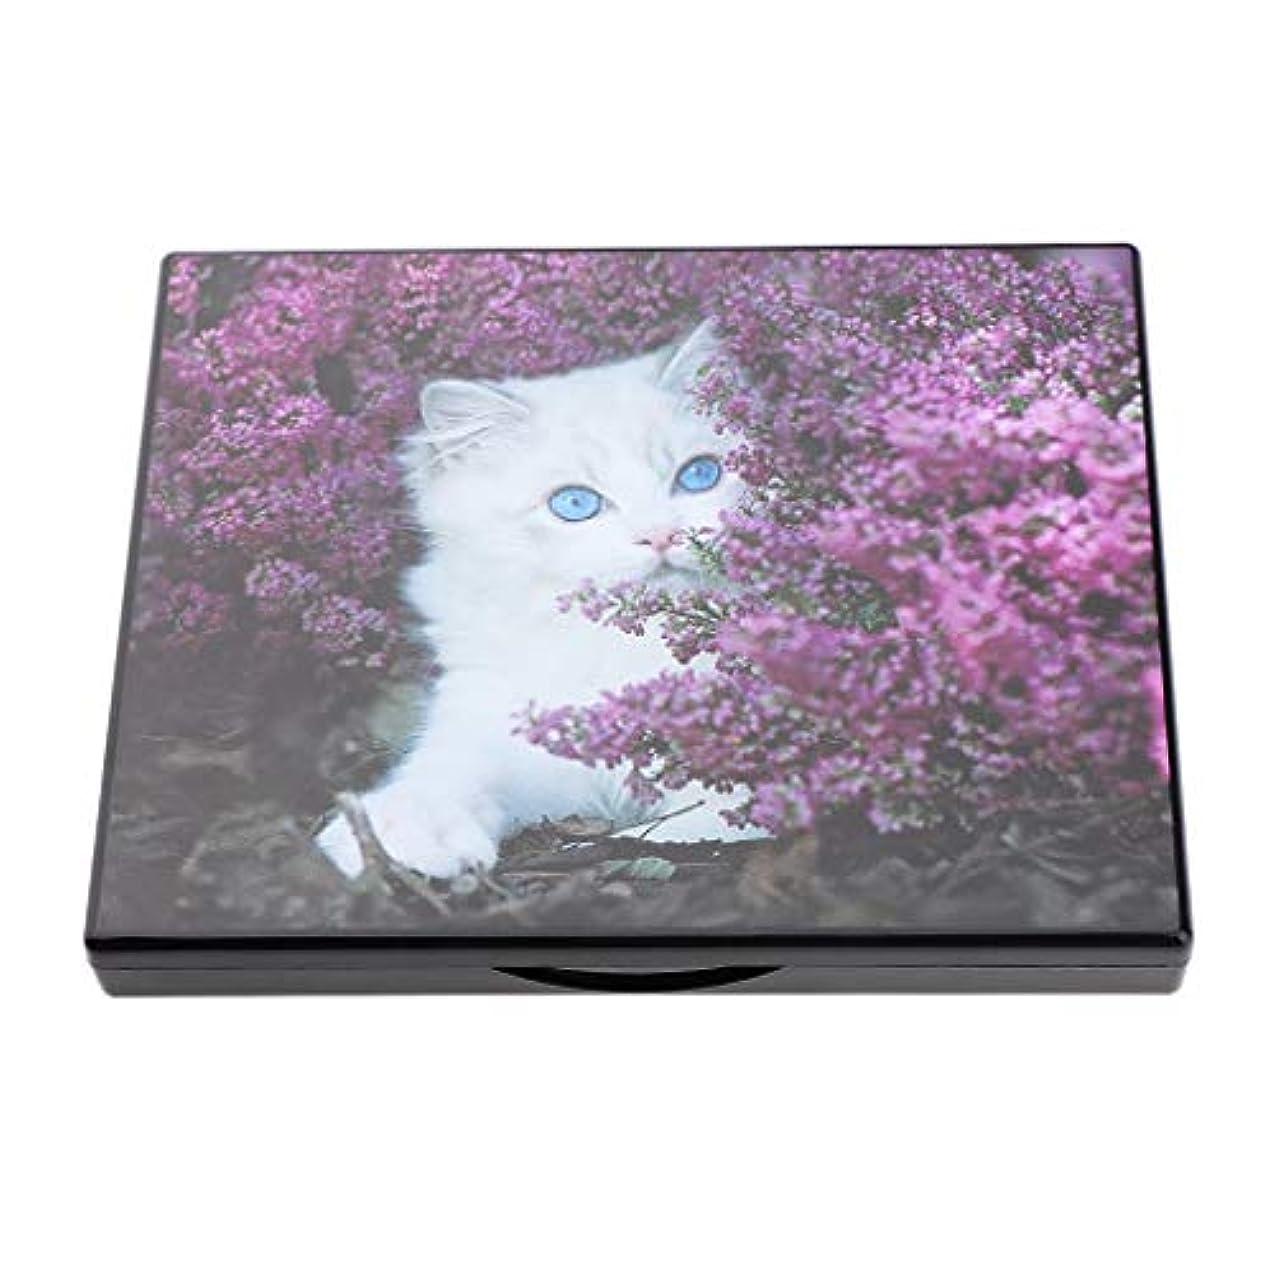 繁栄するスタウトそこからDYNWAVE 磁気化粧パレット ミラー付き 空ケース 手作り化粧品 コンテナ 旅行小物 省スペース 便携 全4色 - 愛らしい白猫